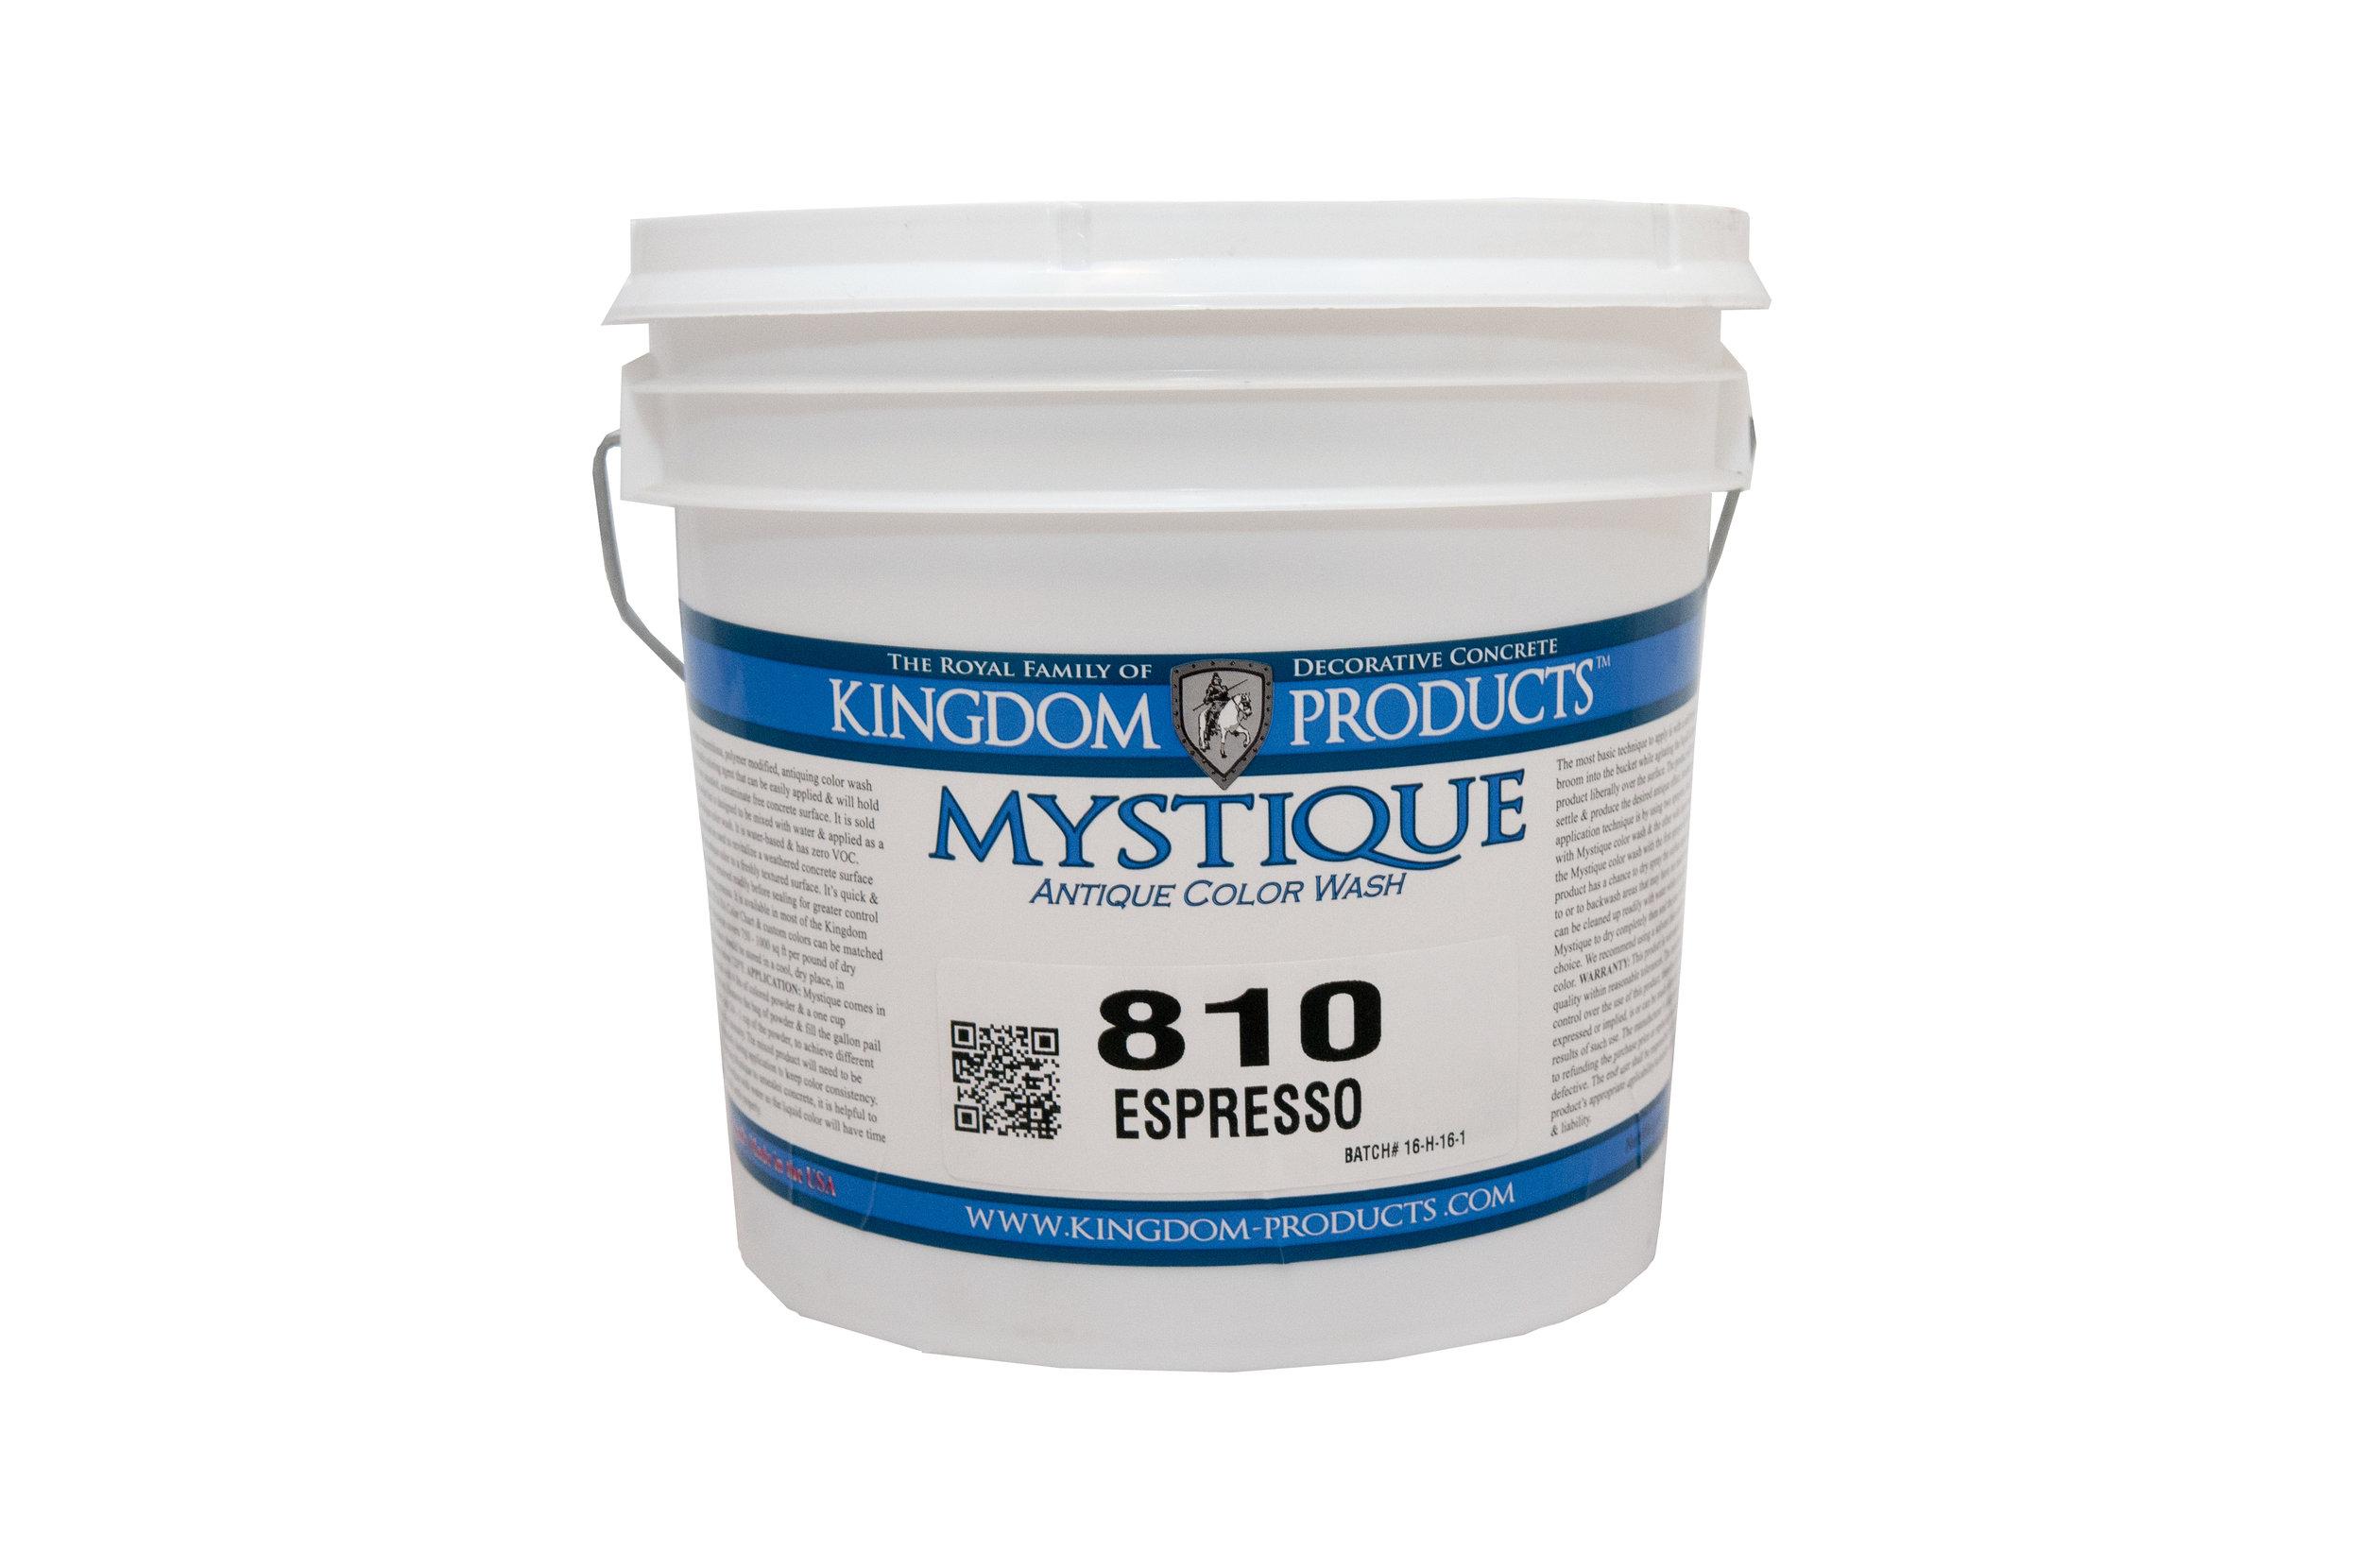 Mystique Antique Color Wash   Packaged in 4lb Pails.   Technical Da  ta